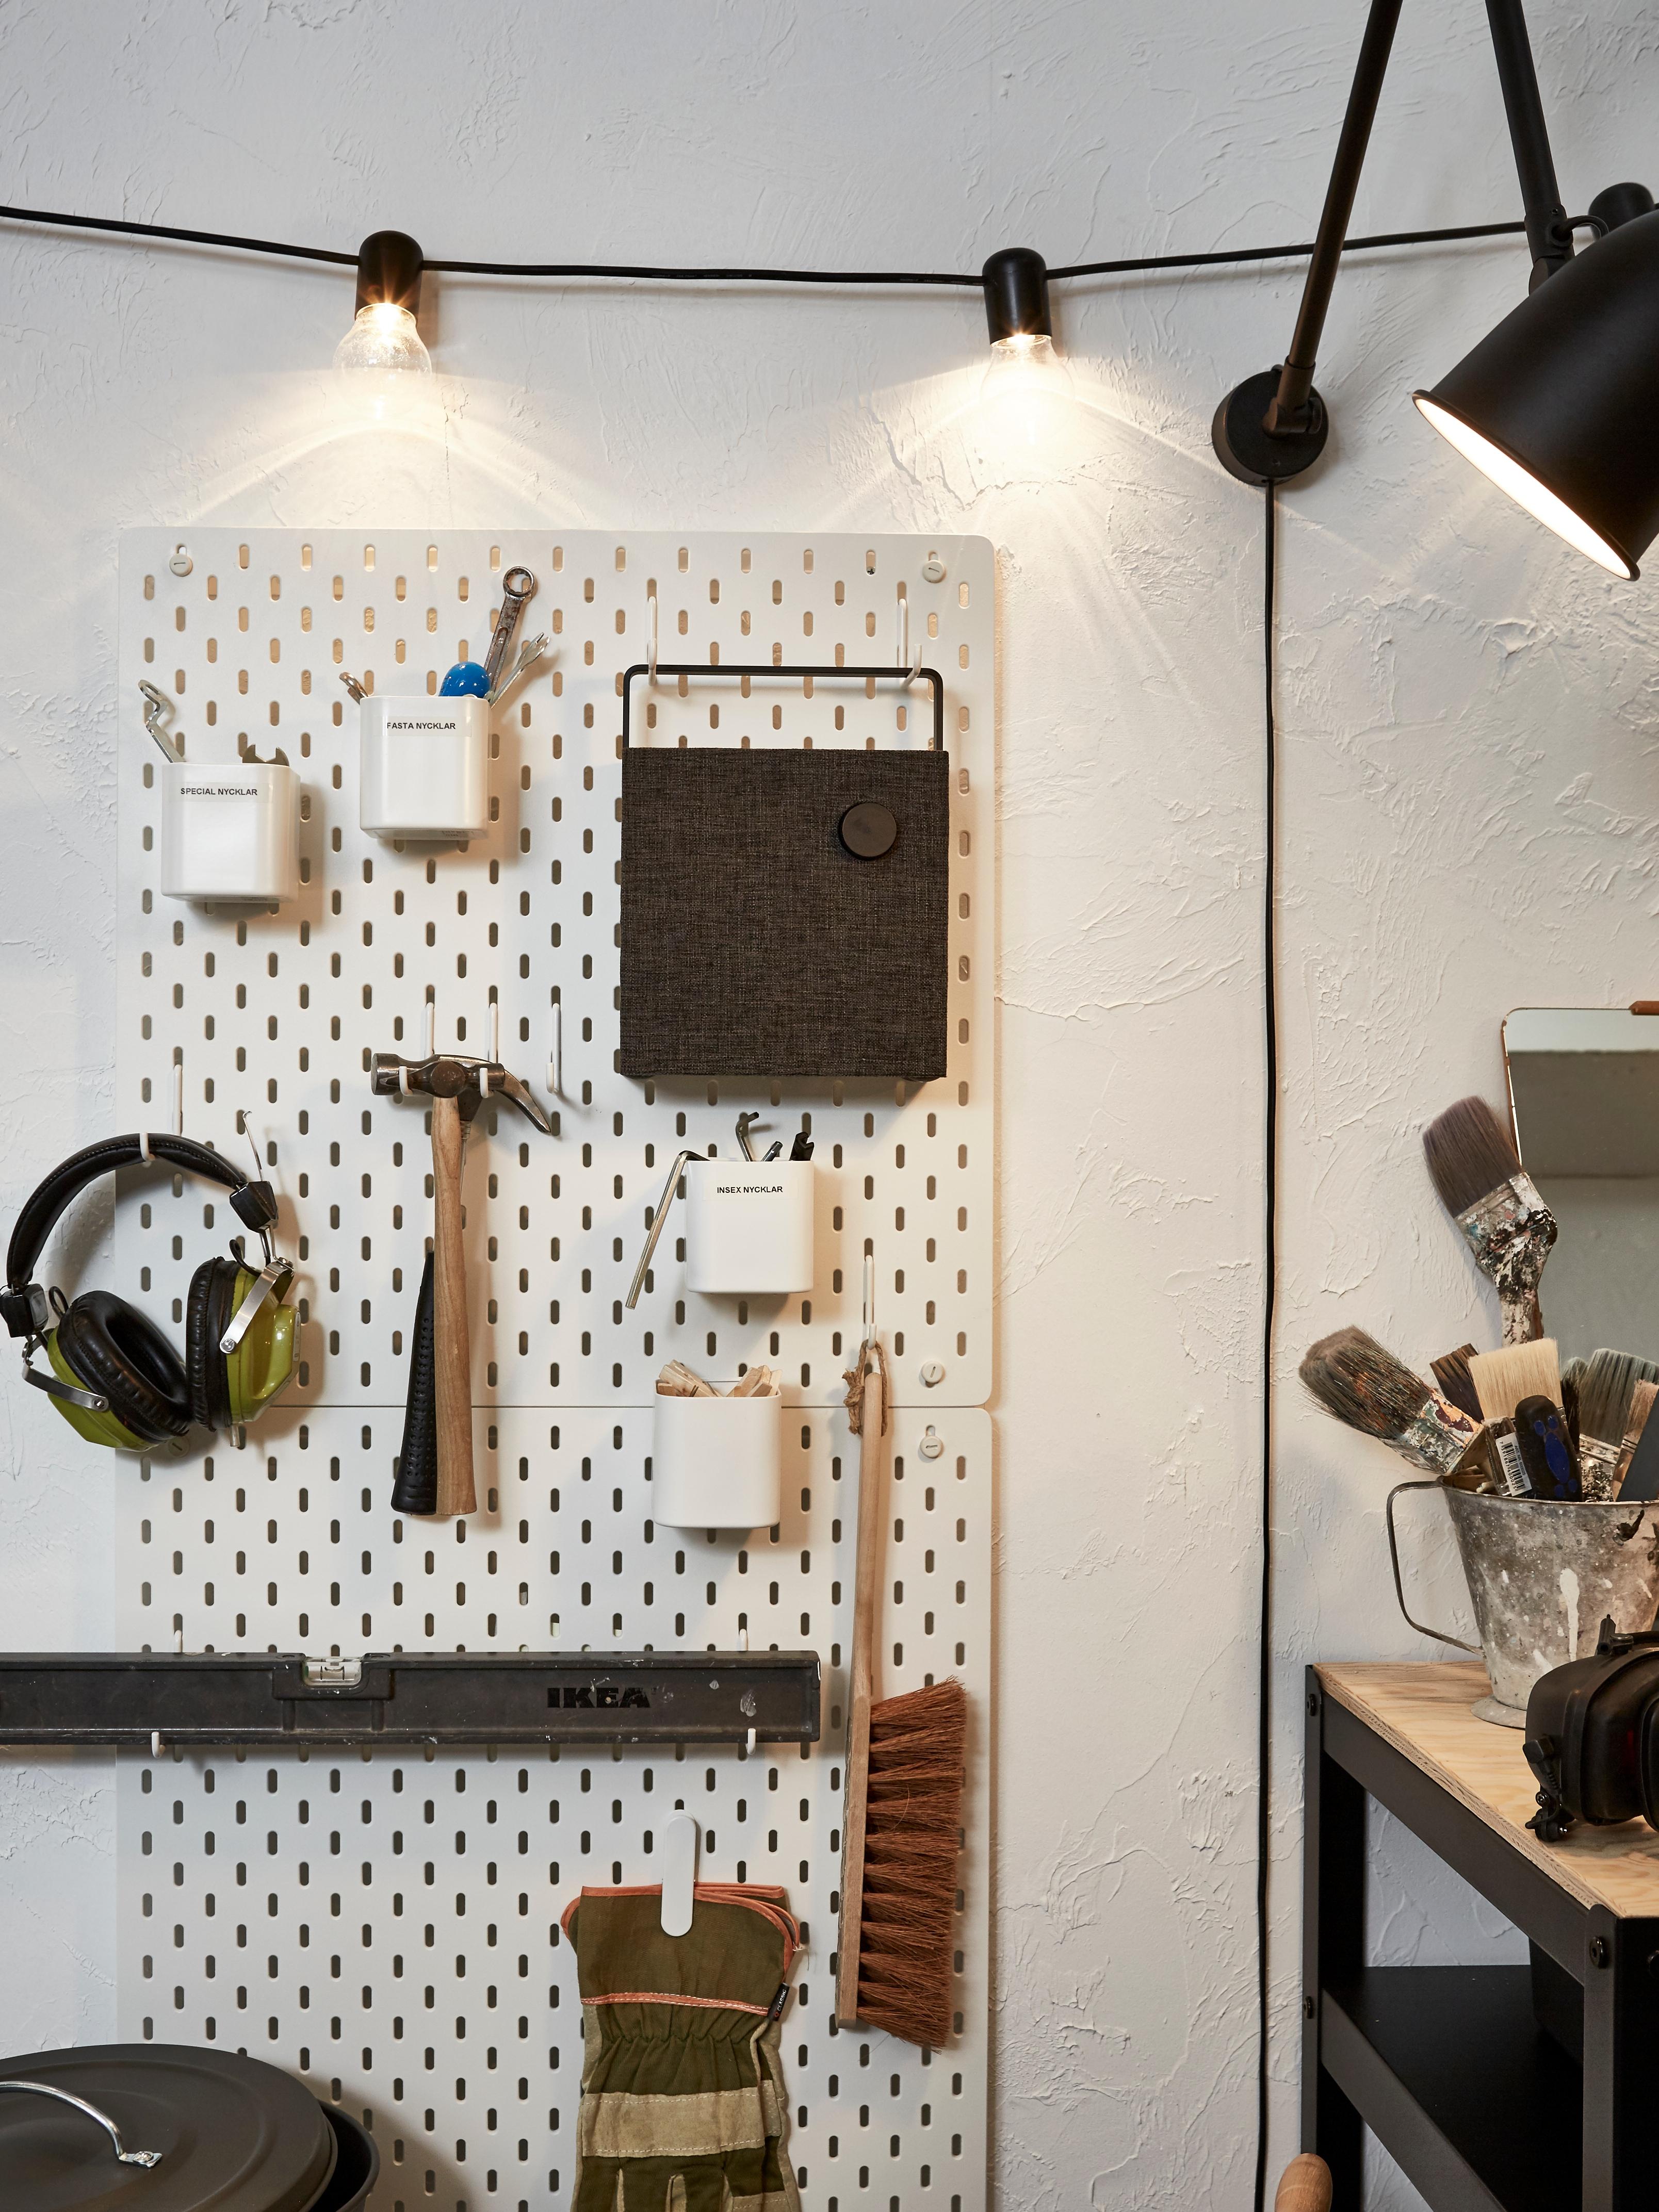 Zid garaže s dvije bijele SKÅDIS rupičaste ploče koje drže alate i zvučnik na kuki ispod rasvjetnog lanca pored radne ploče.